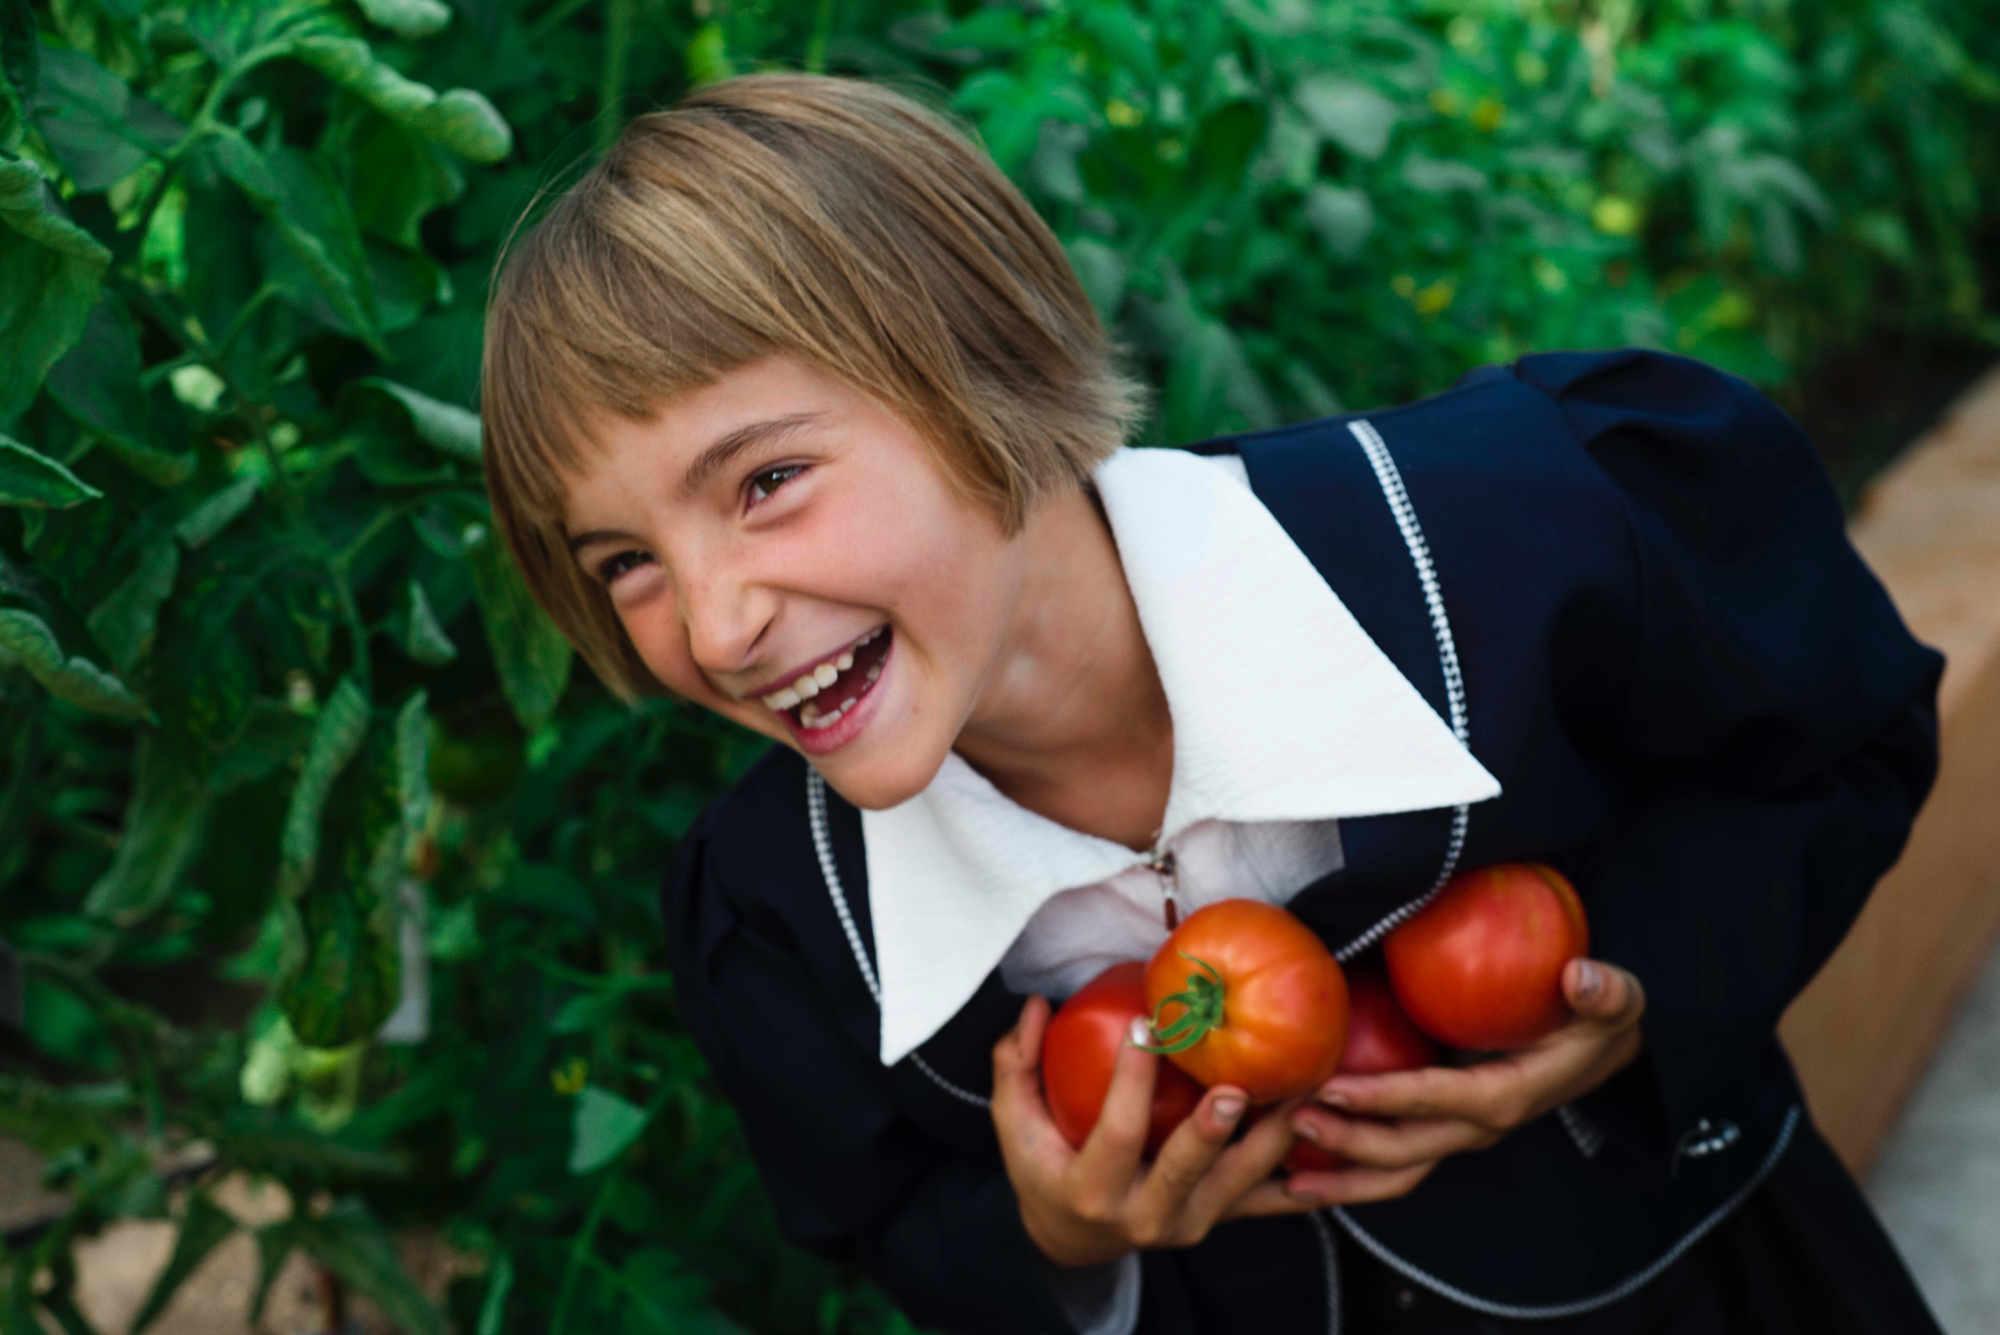 La clé pour apprendre aux enfants à manger sainement est la répétition